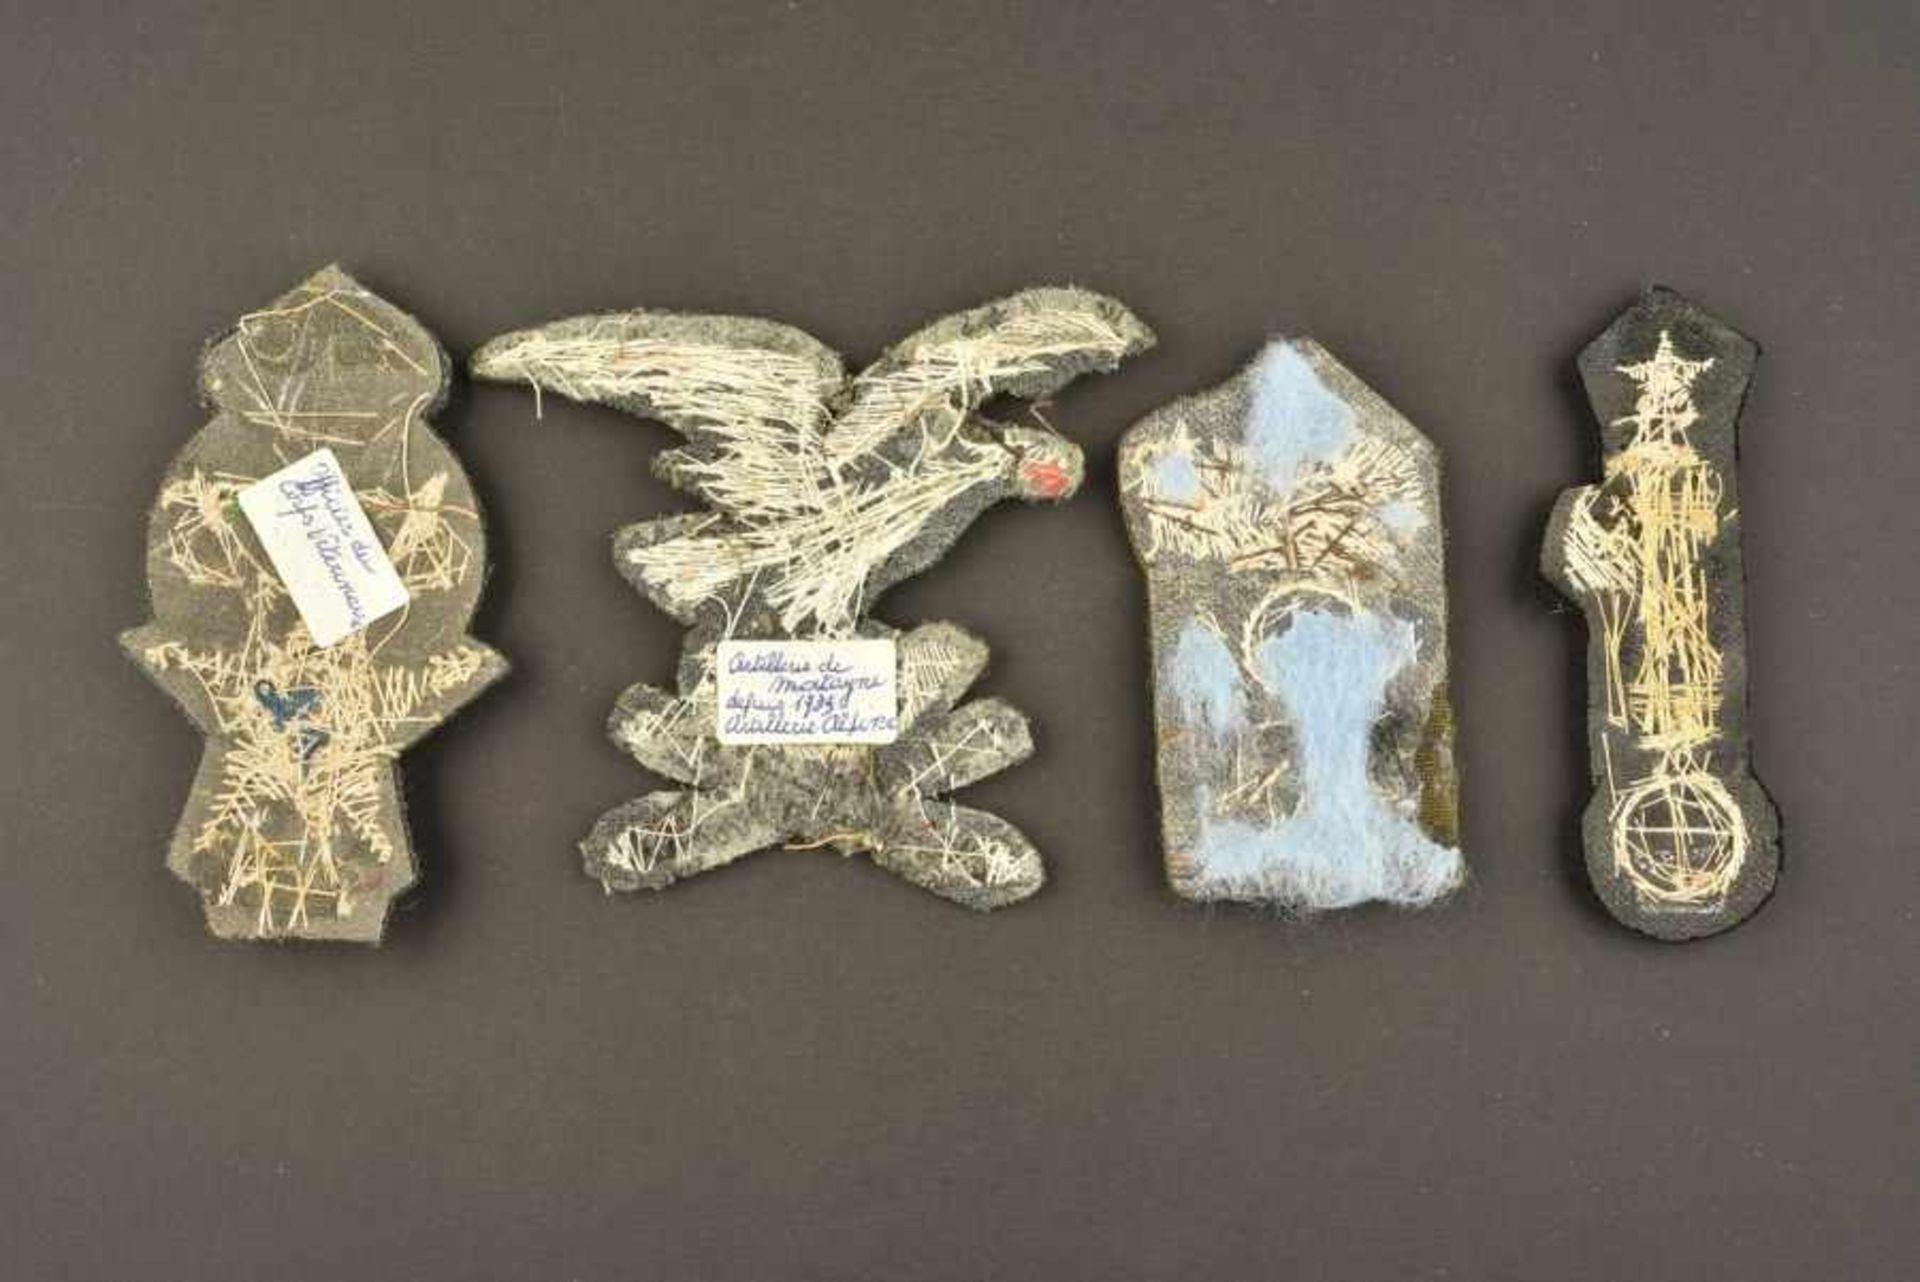 Ensemble de 4 insignes de coiffures d'officiers de l'armée royale italienneen fils d'or brodés - Bild 2 aus 2